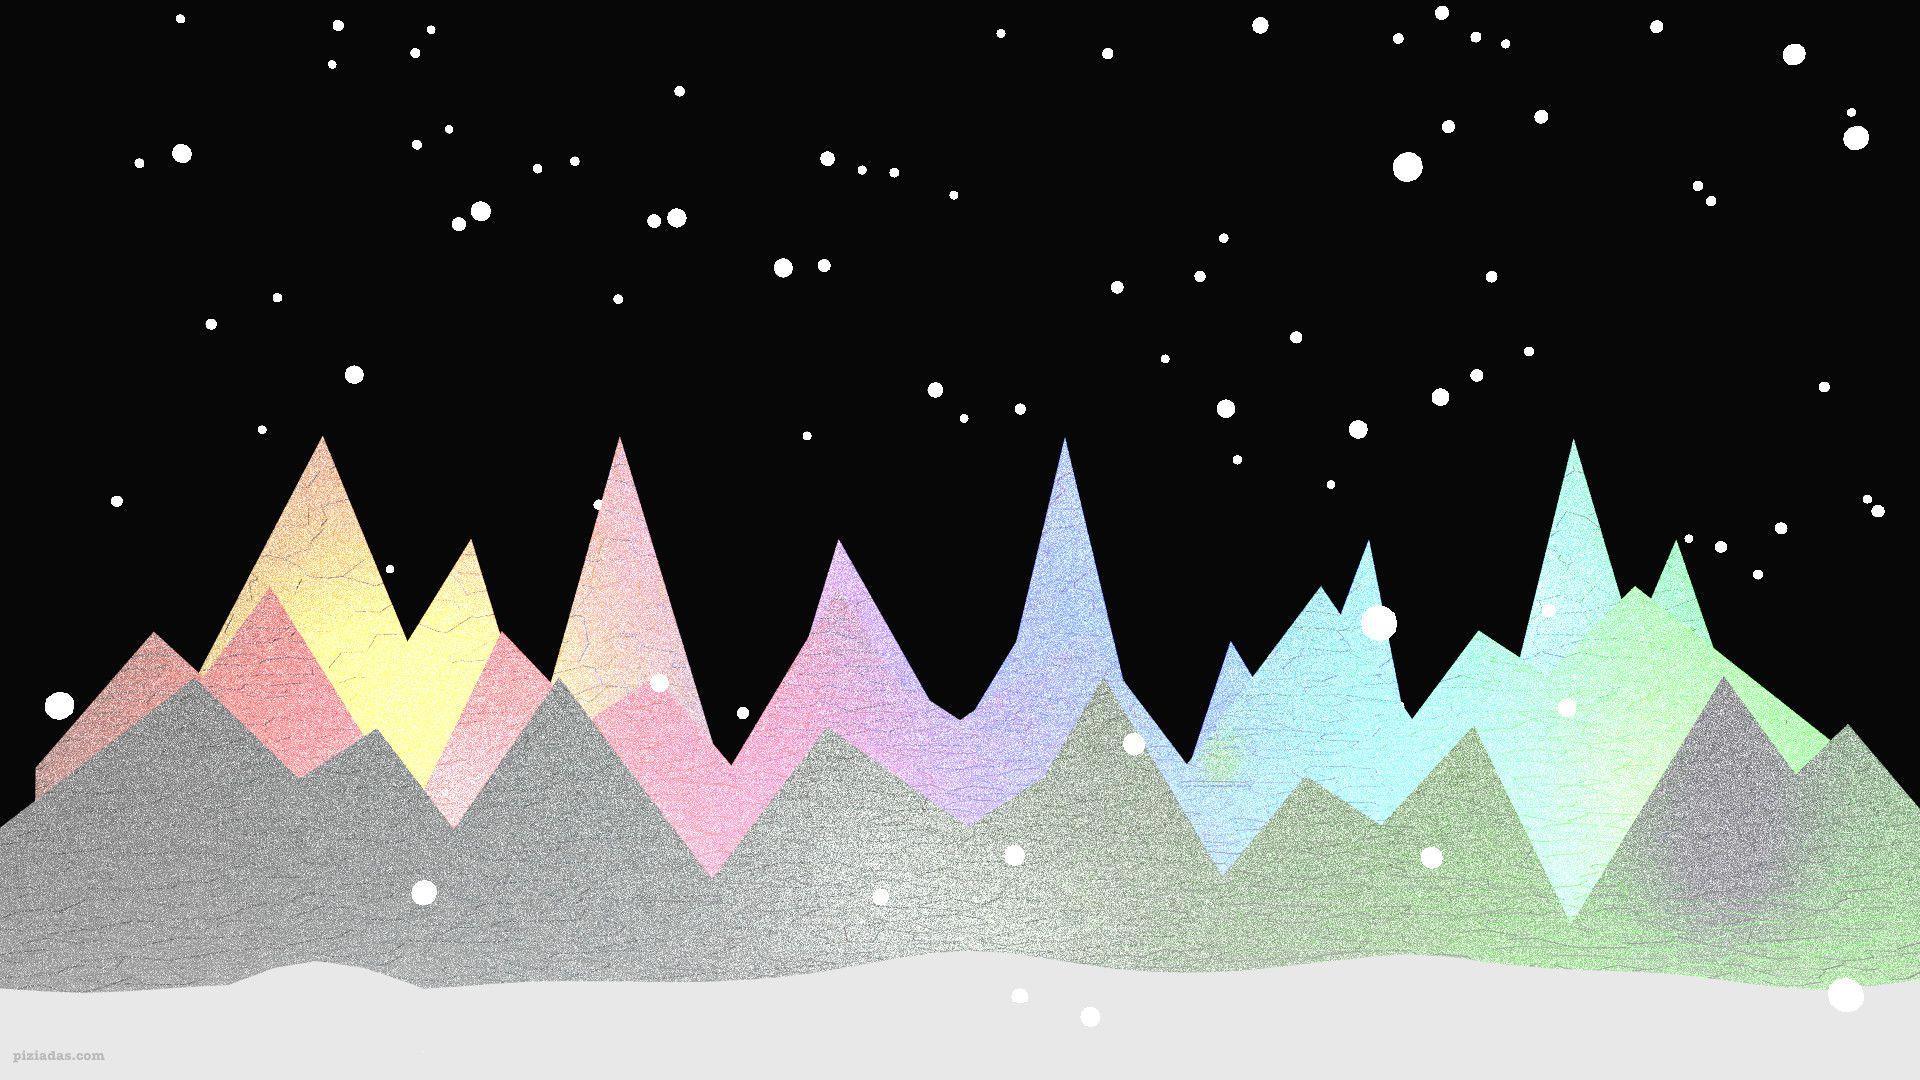 Fondos De Navidad Tumblr Wallpaper Hd 4 Net Con Fondos De Pantalla Para Pc Pinterest E Fondos De Fondos Navidad Fondos Para Teclado Fondos De Ordenador Tumblr